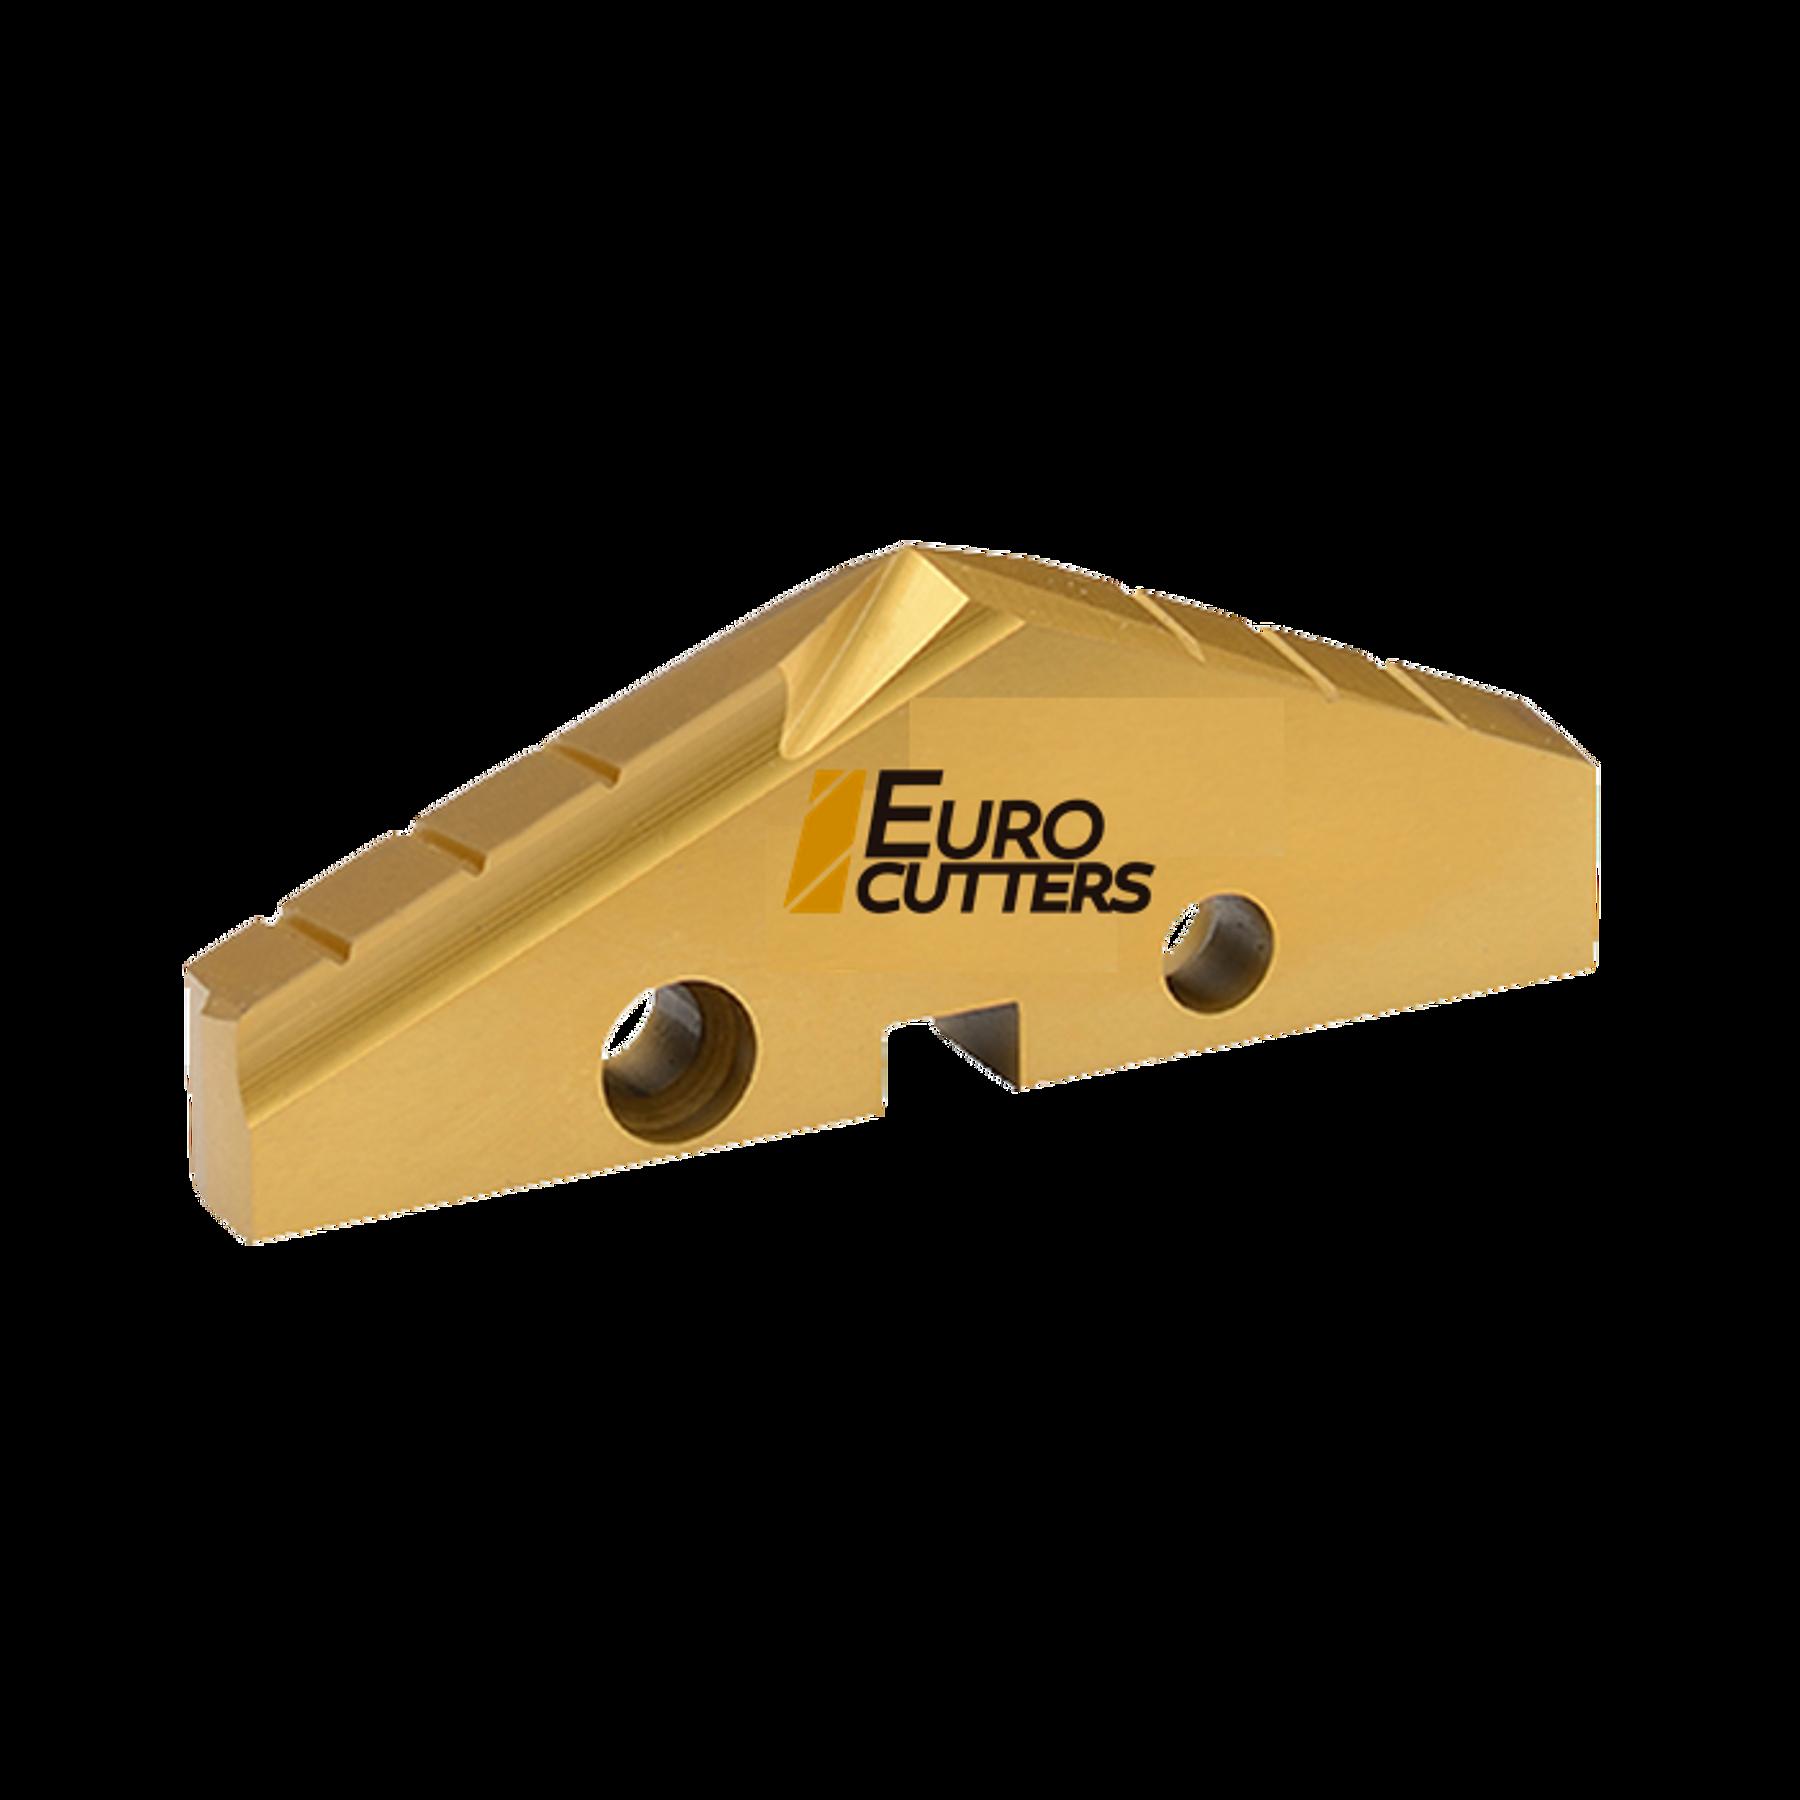 Inserto Eurocutter Hss Broca 29mm SP-0-M0290-25XH